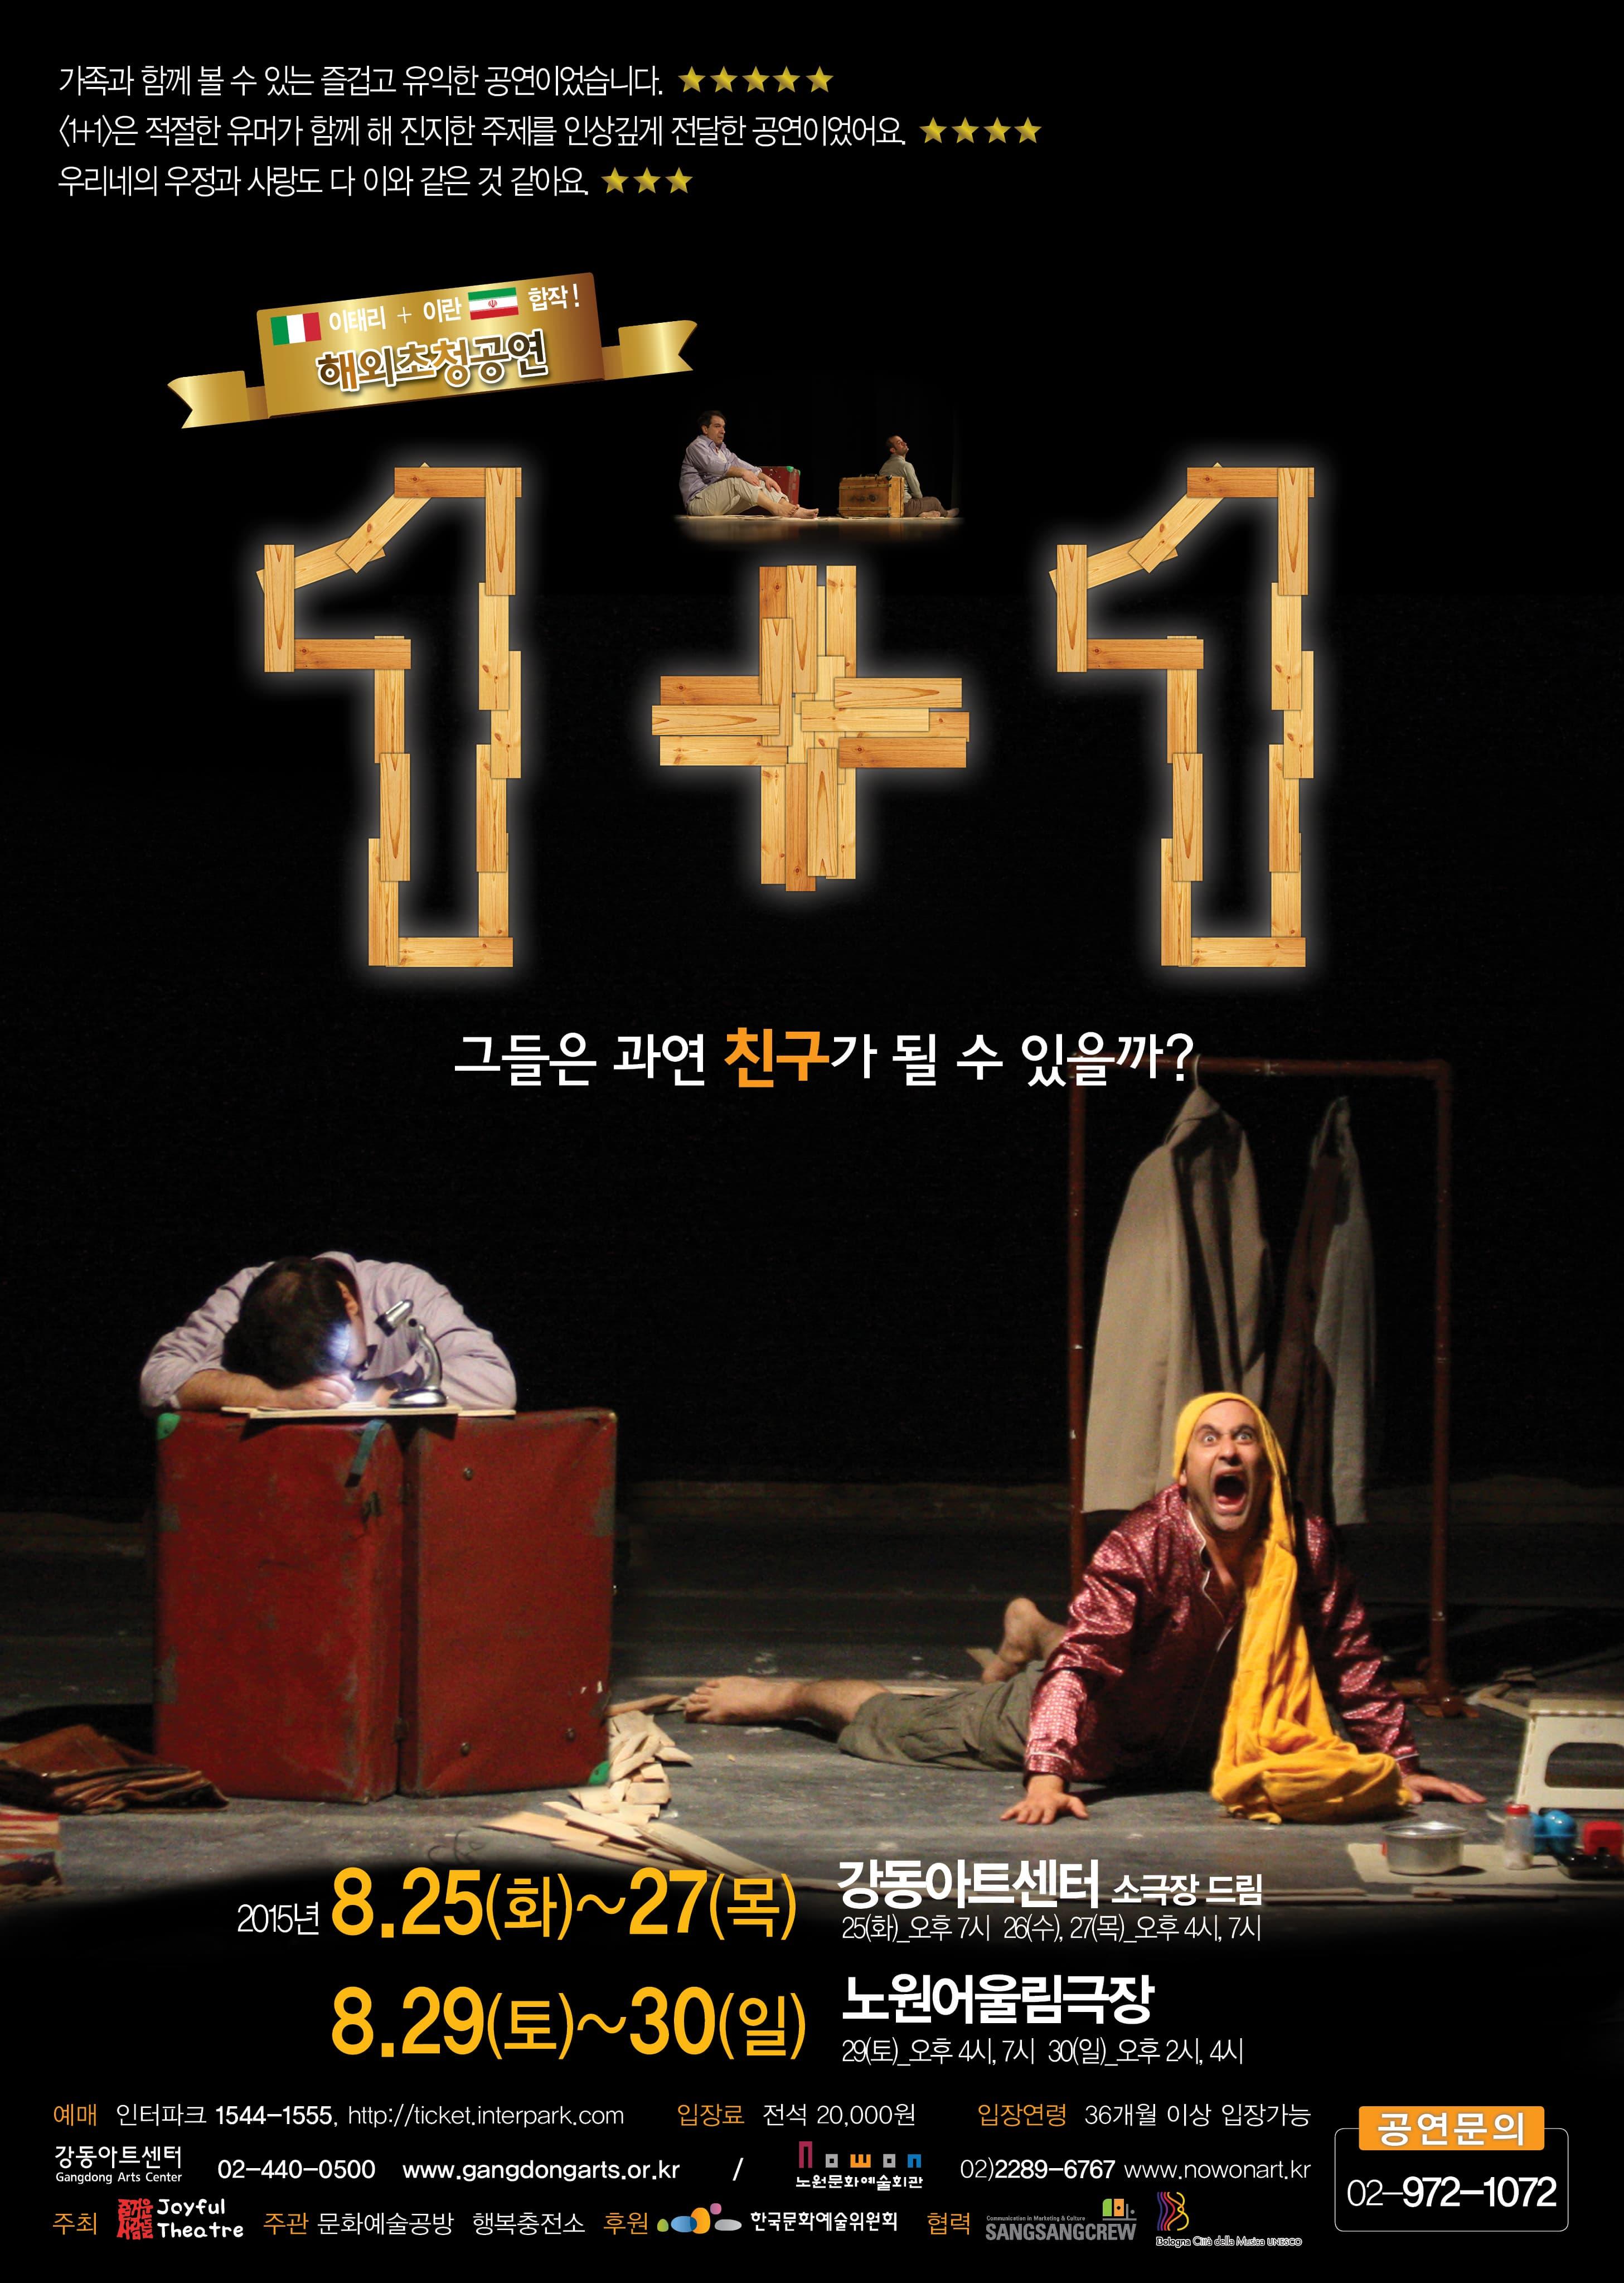 이탈리아-이란 해외초청 가족연극<1+1>(강동)